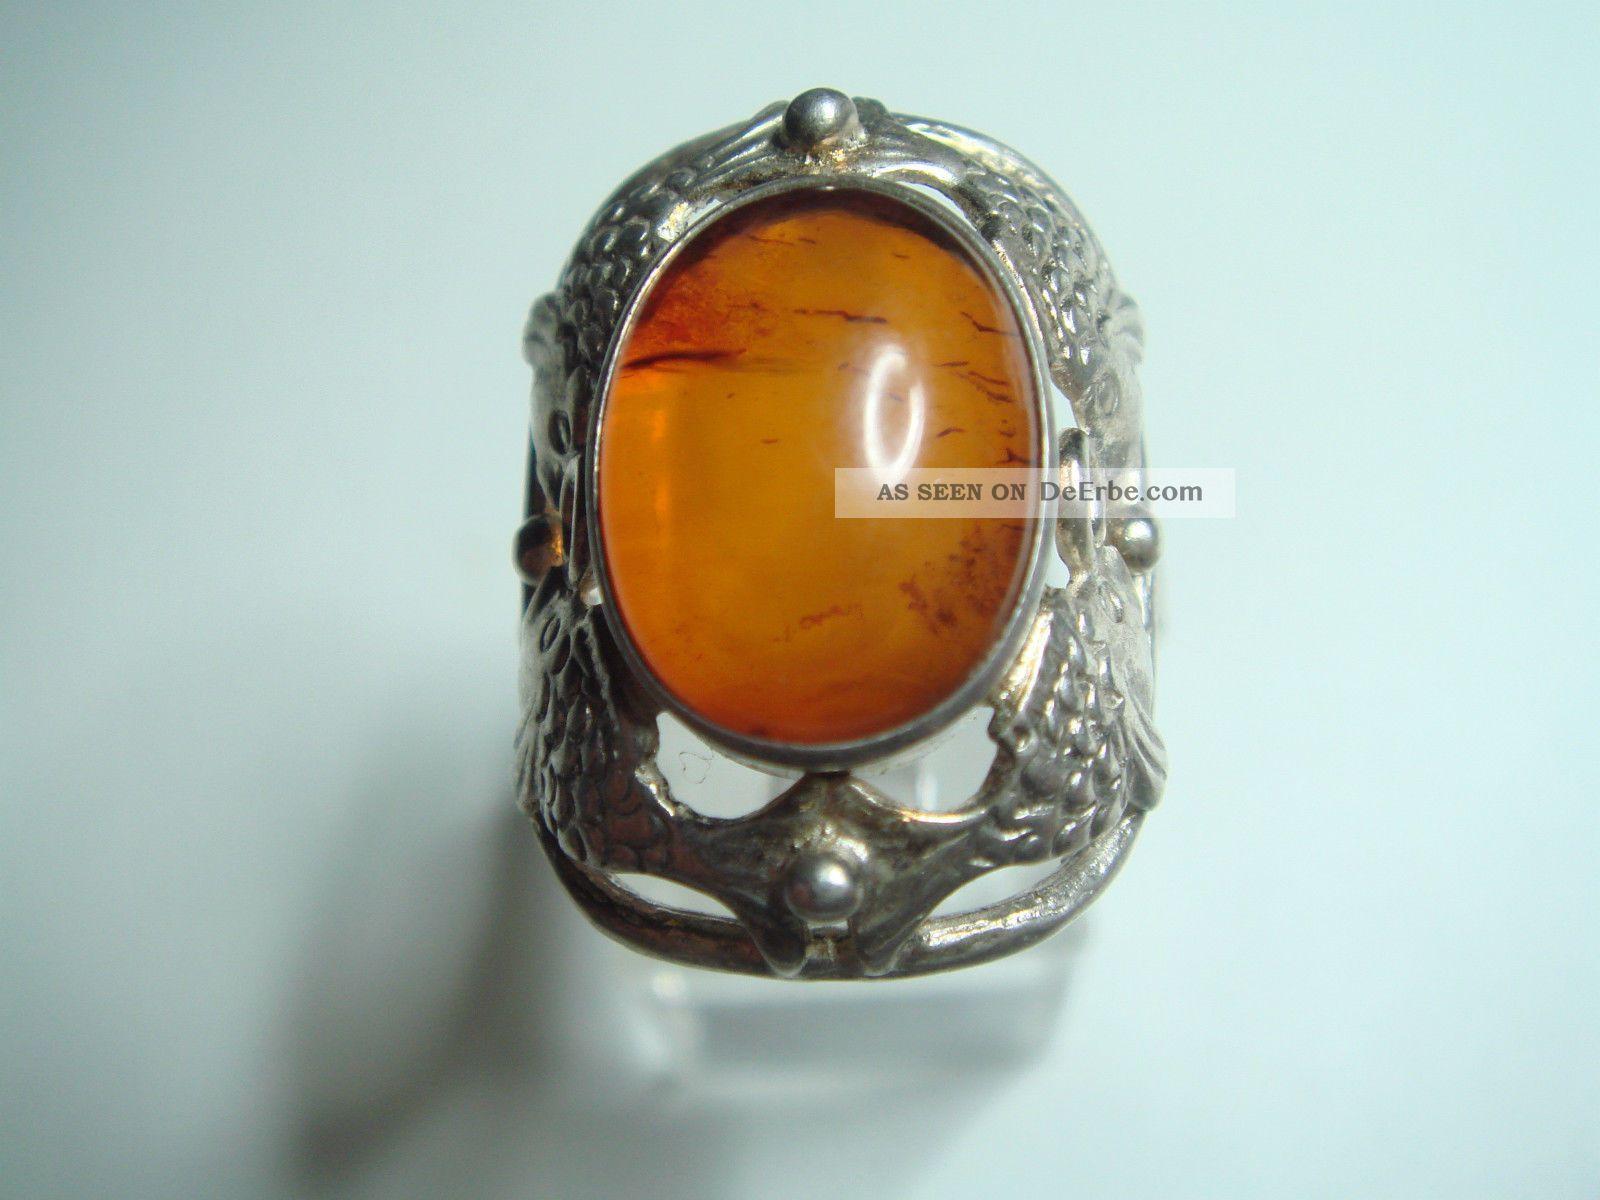 Schmuck art  Antiker Art Deco Ring Echt Silber 835 & Echten Bernstein Amber Von ...